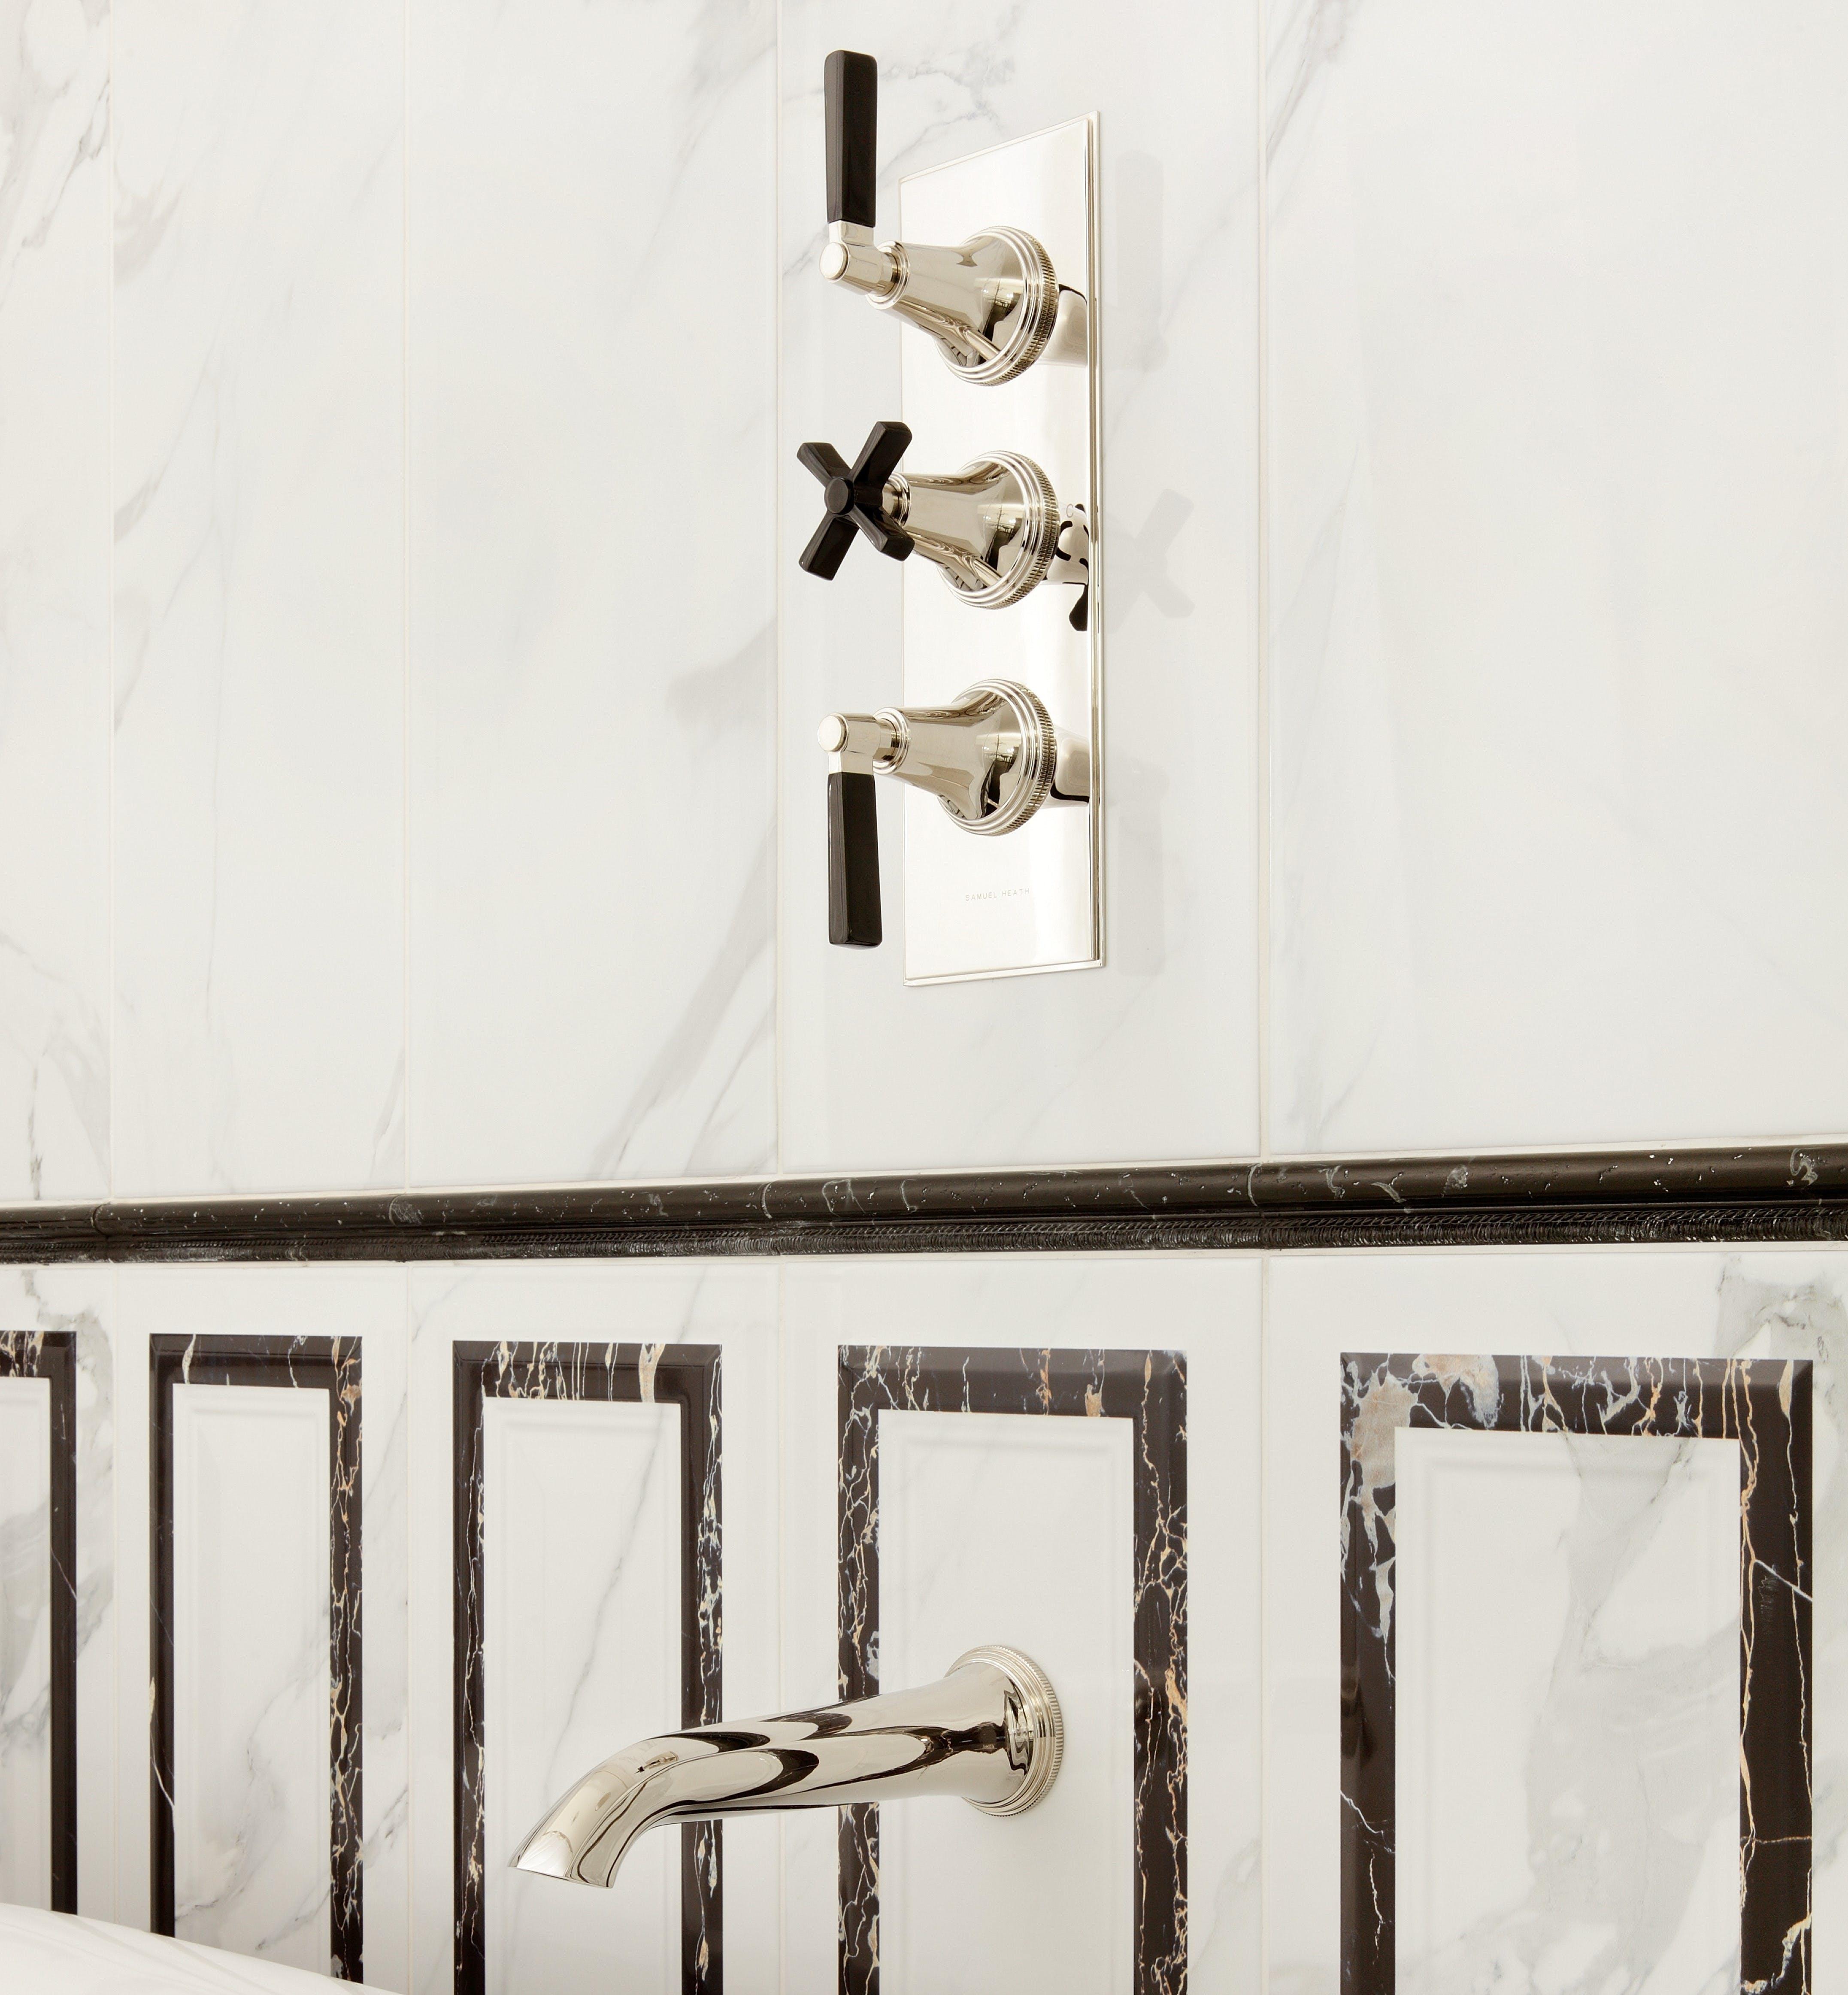 Luxury Art Deco taps